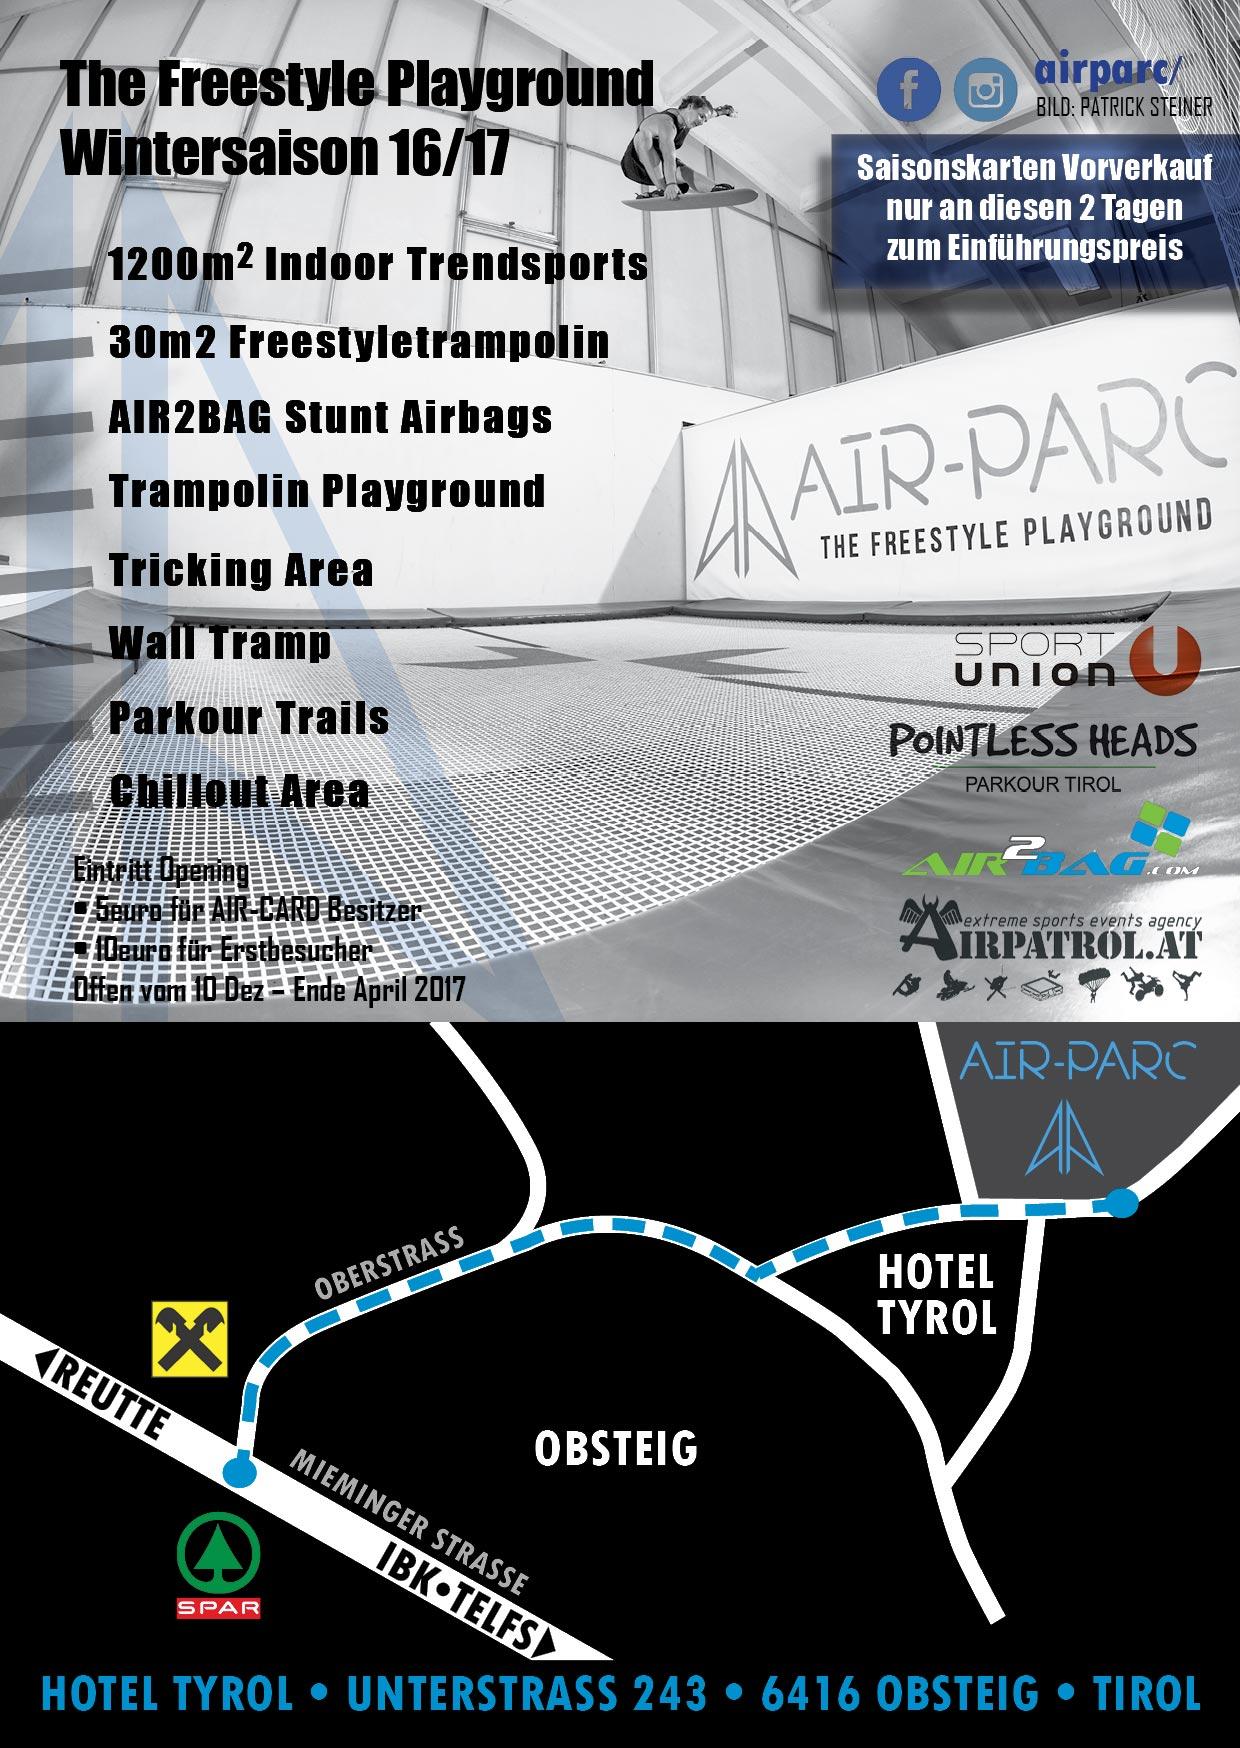 Opening der Freestyle-Halle Air-Parc in Obsteig nahe Innsbruck